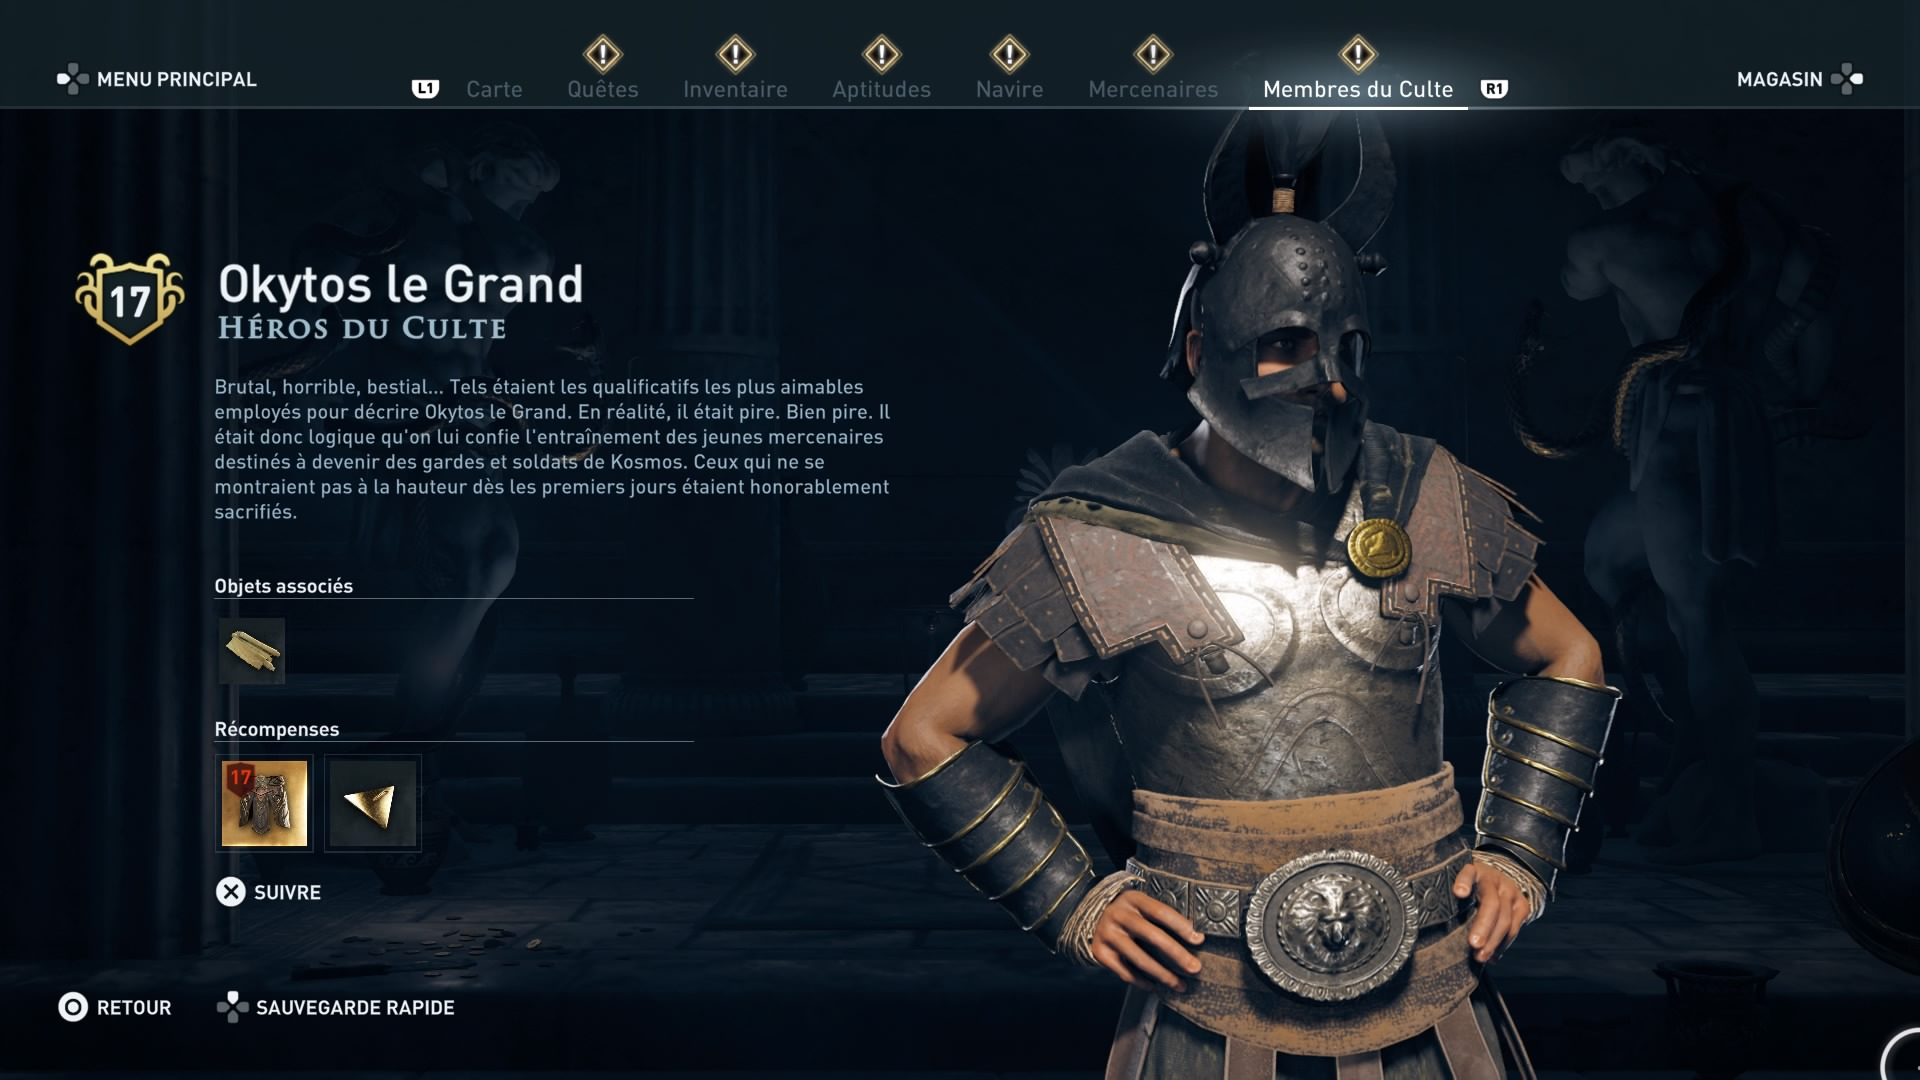 Assassin's Creed Odyssey trouver et tuer les adeptes du culte du Kosmos, ps4, xbox one, pc, ubisoft, jeu vidéo, les héros du culte, okytos le grand